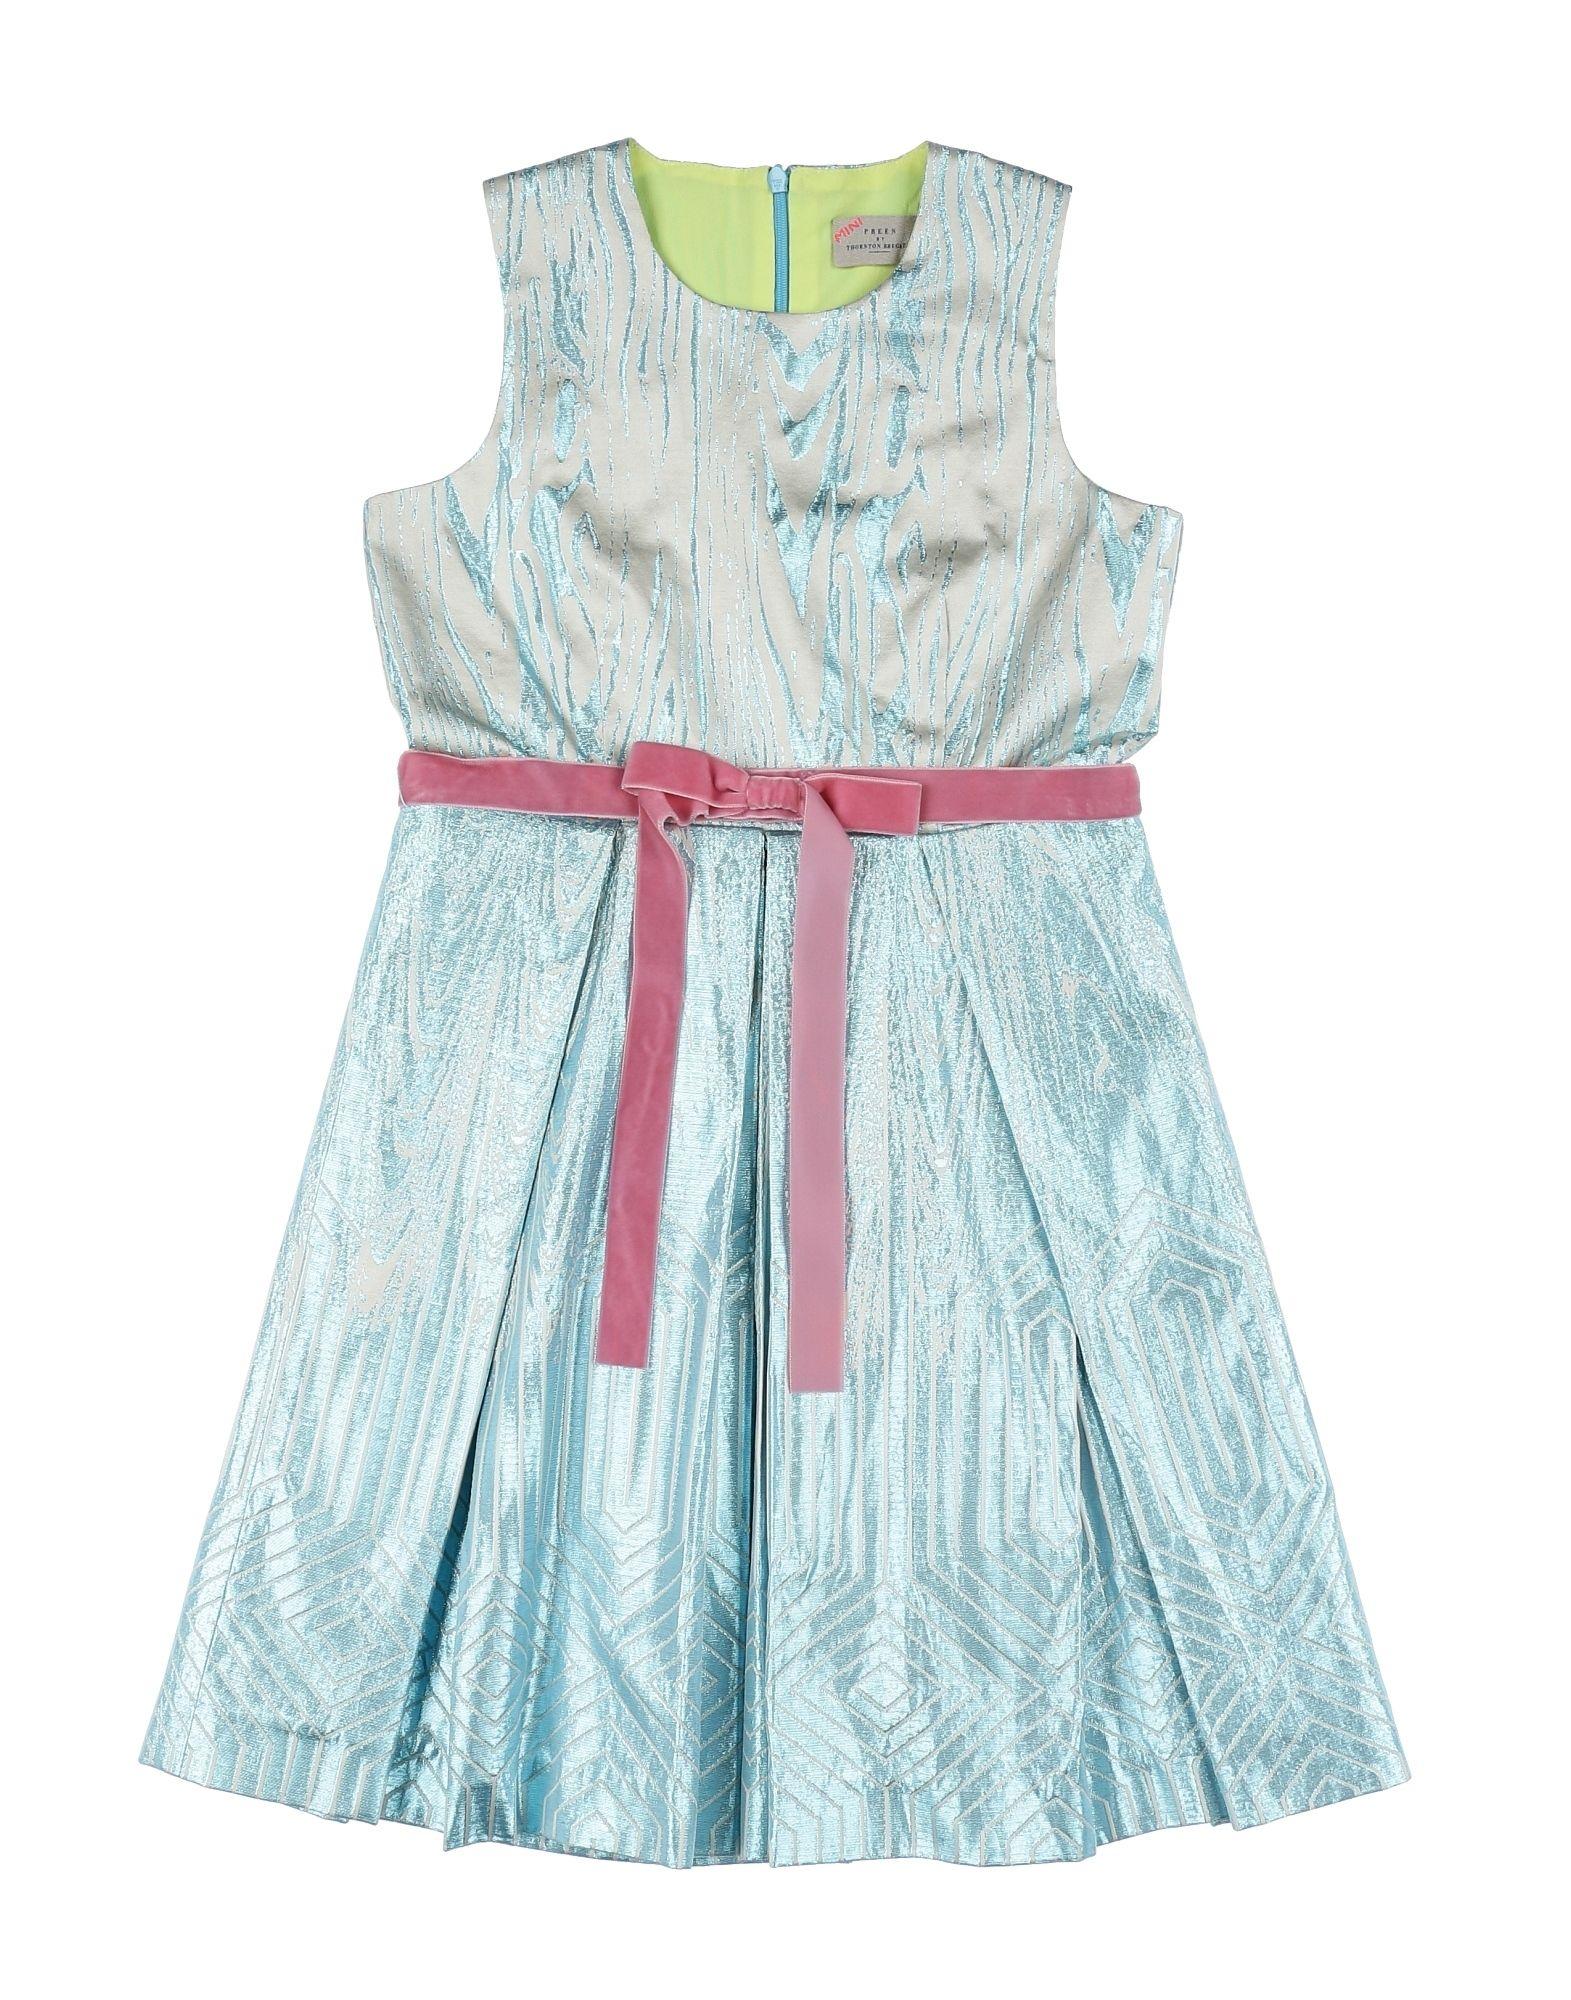 PREEN by THORNTON BREGAZZI Mädchen 3-8 jahre Kleid Farbe Azurblau Größe 6